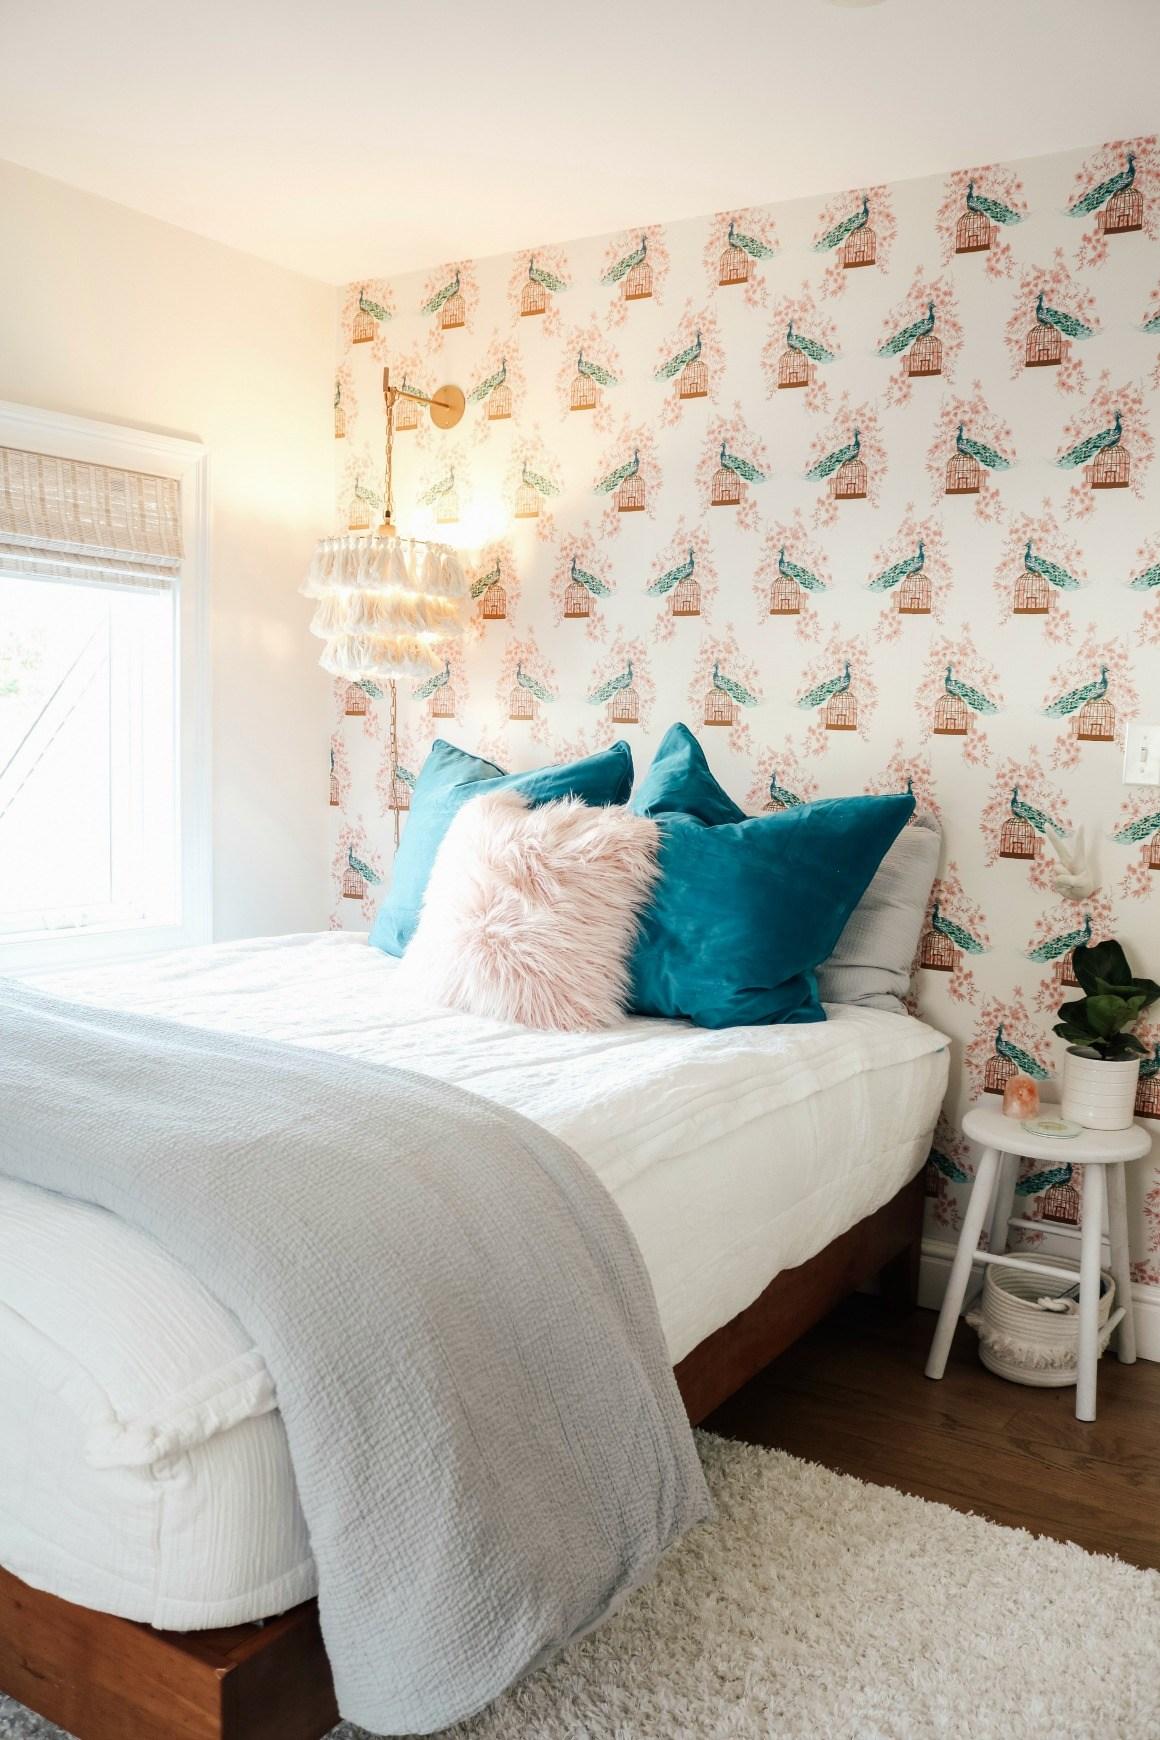 Kleines Schlafzimmer Mit Akzentwand Madchen Schlafzimmer Tapete 1160x1740 Wallpapertip